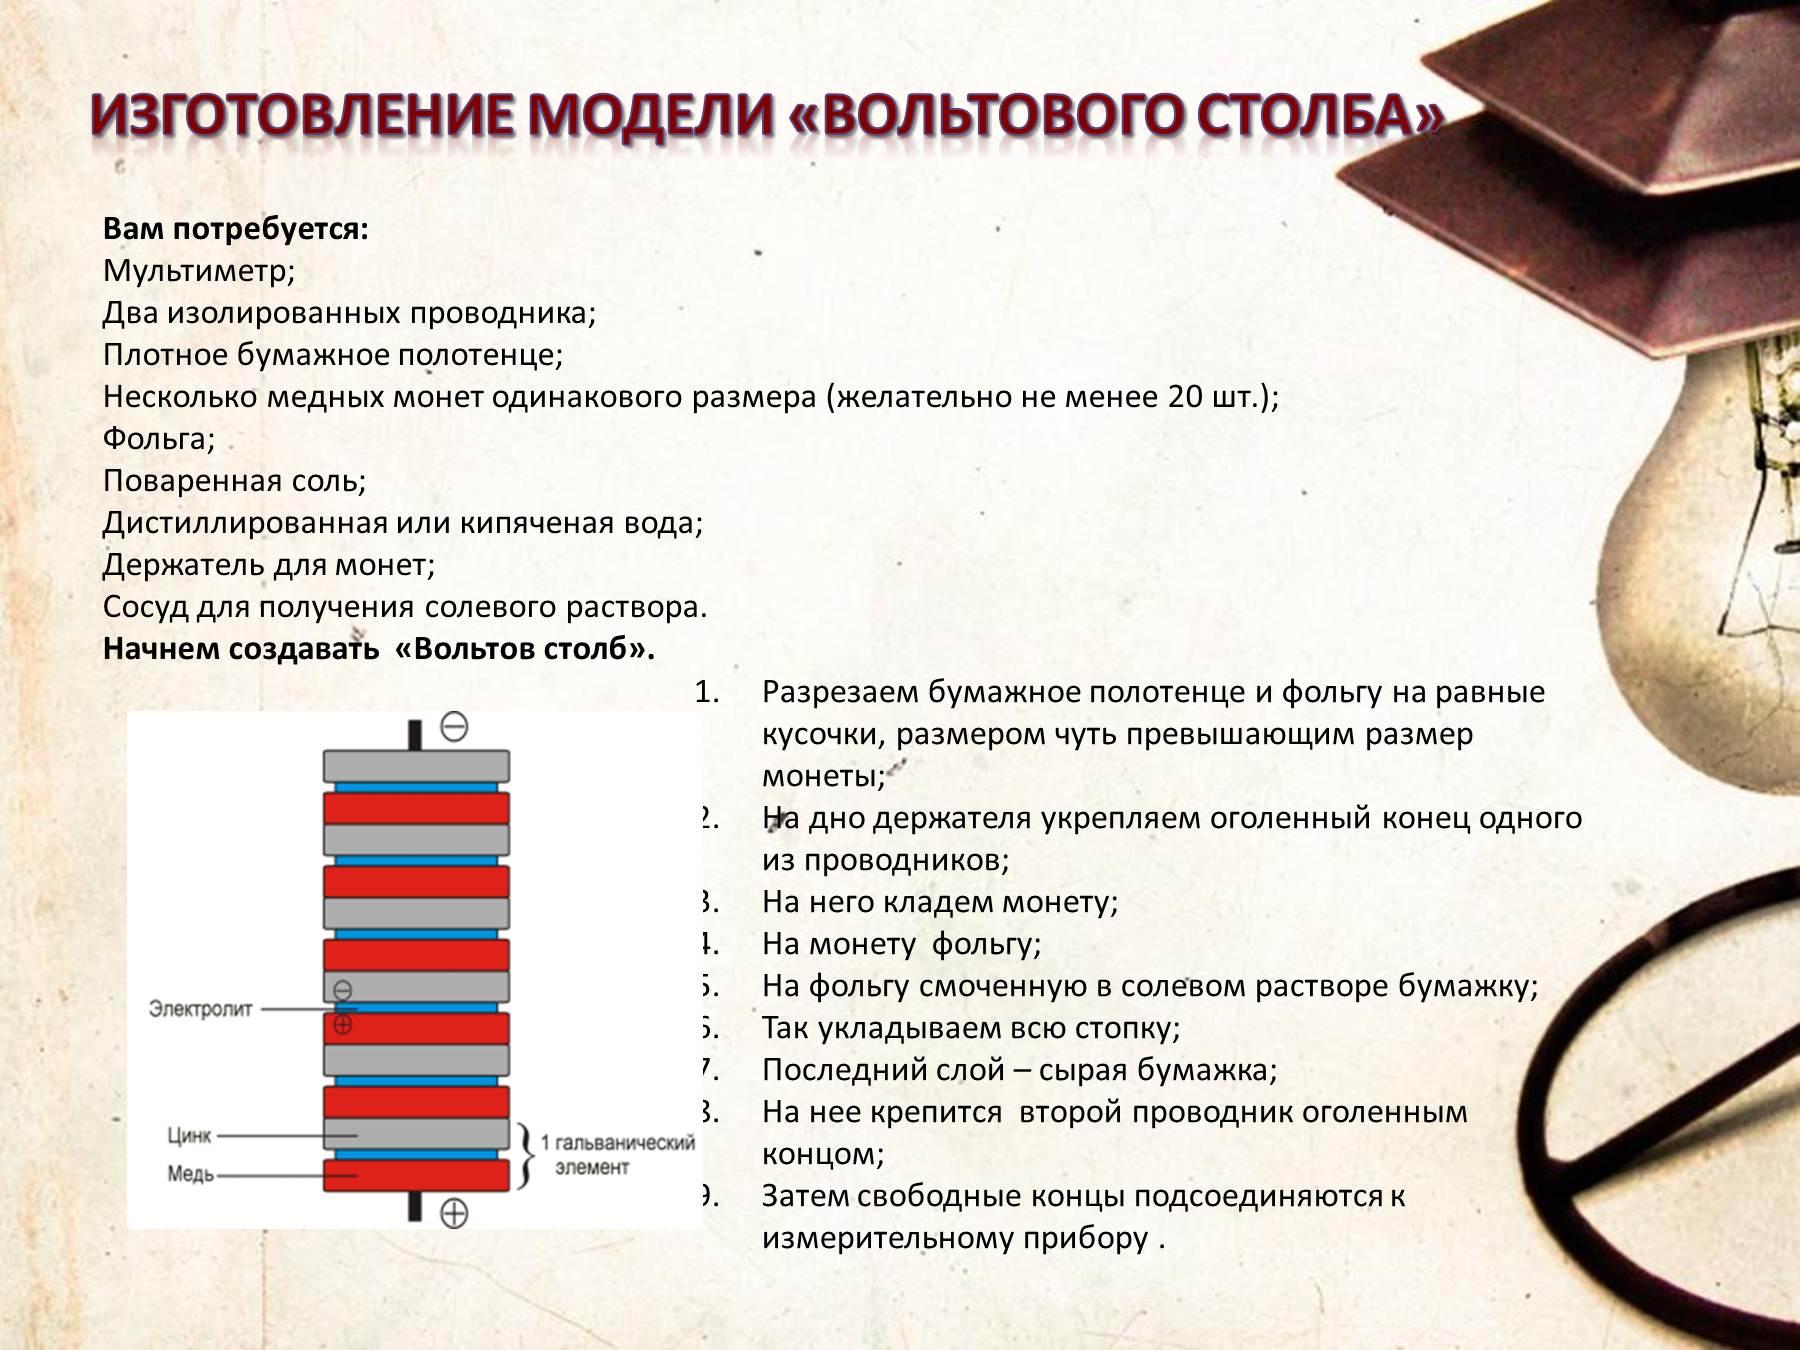 презентация на тему генерирование электрического тока